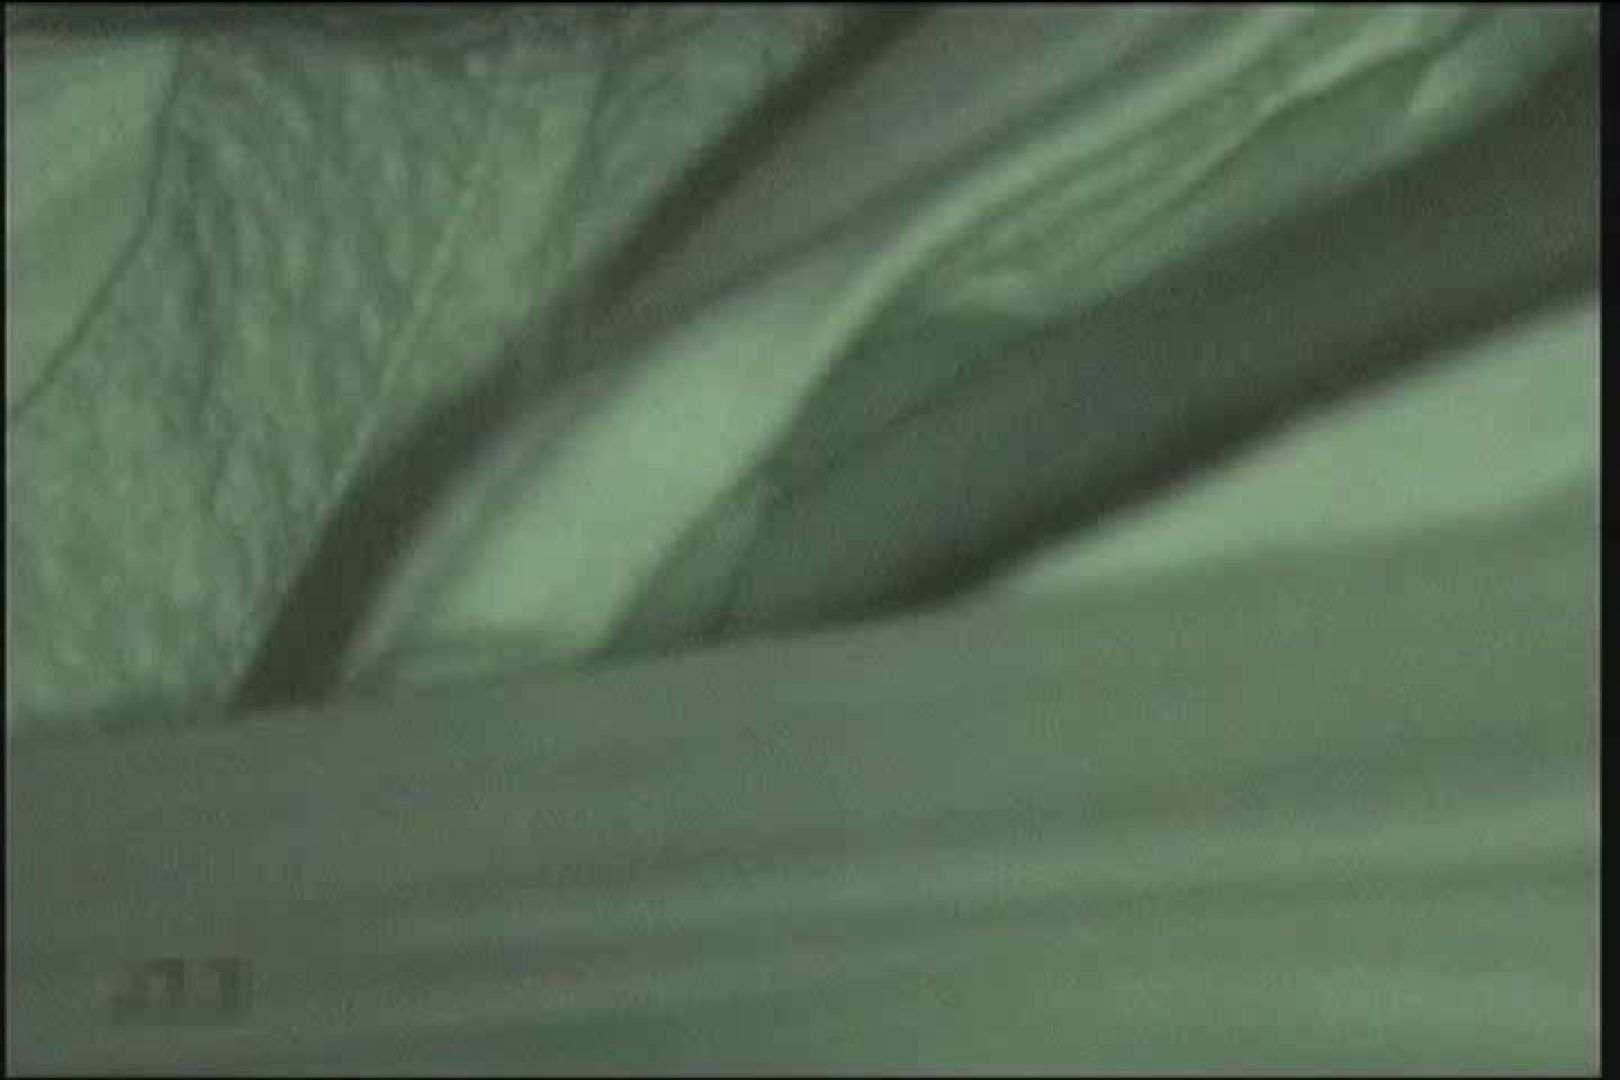 必撮!! チクビっくりVol.8 乳首ポロリ 盗撮エロ画像 58画像 58